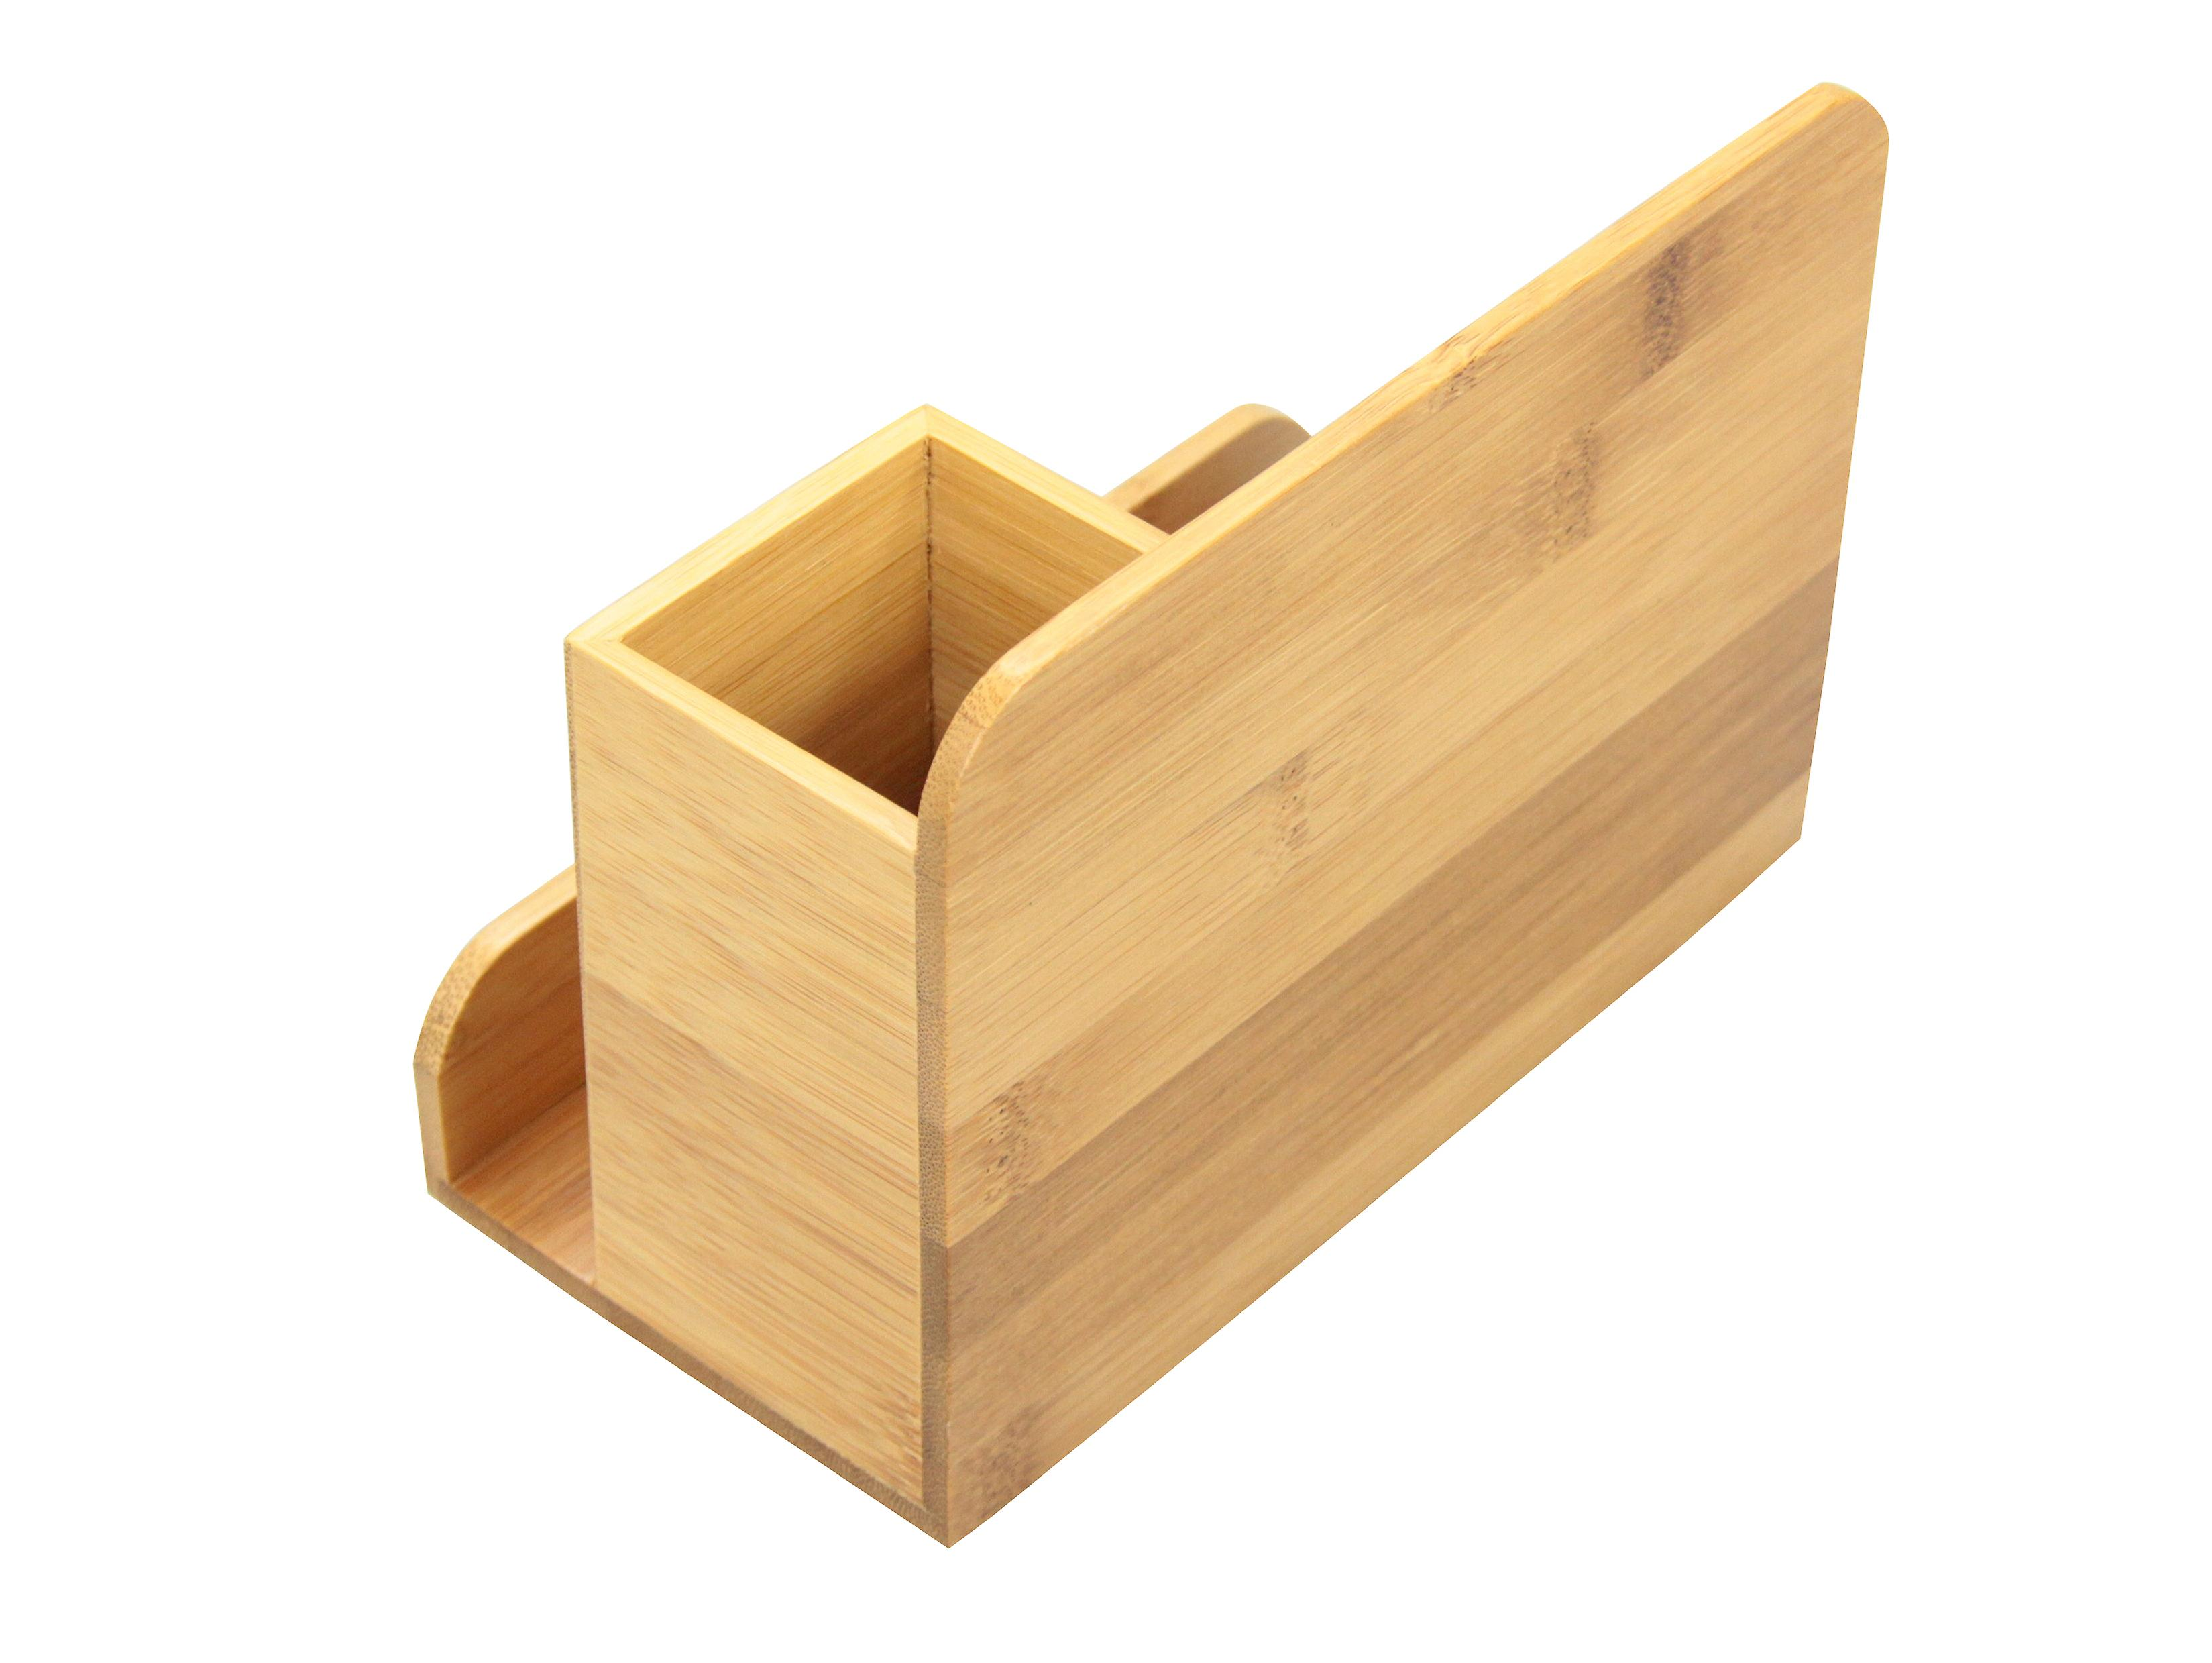 Woodquail Bamboo Small Desk Organiser Pen Holder